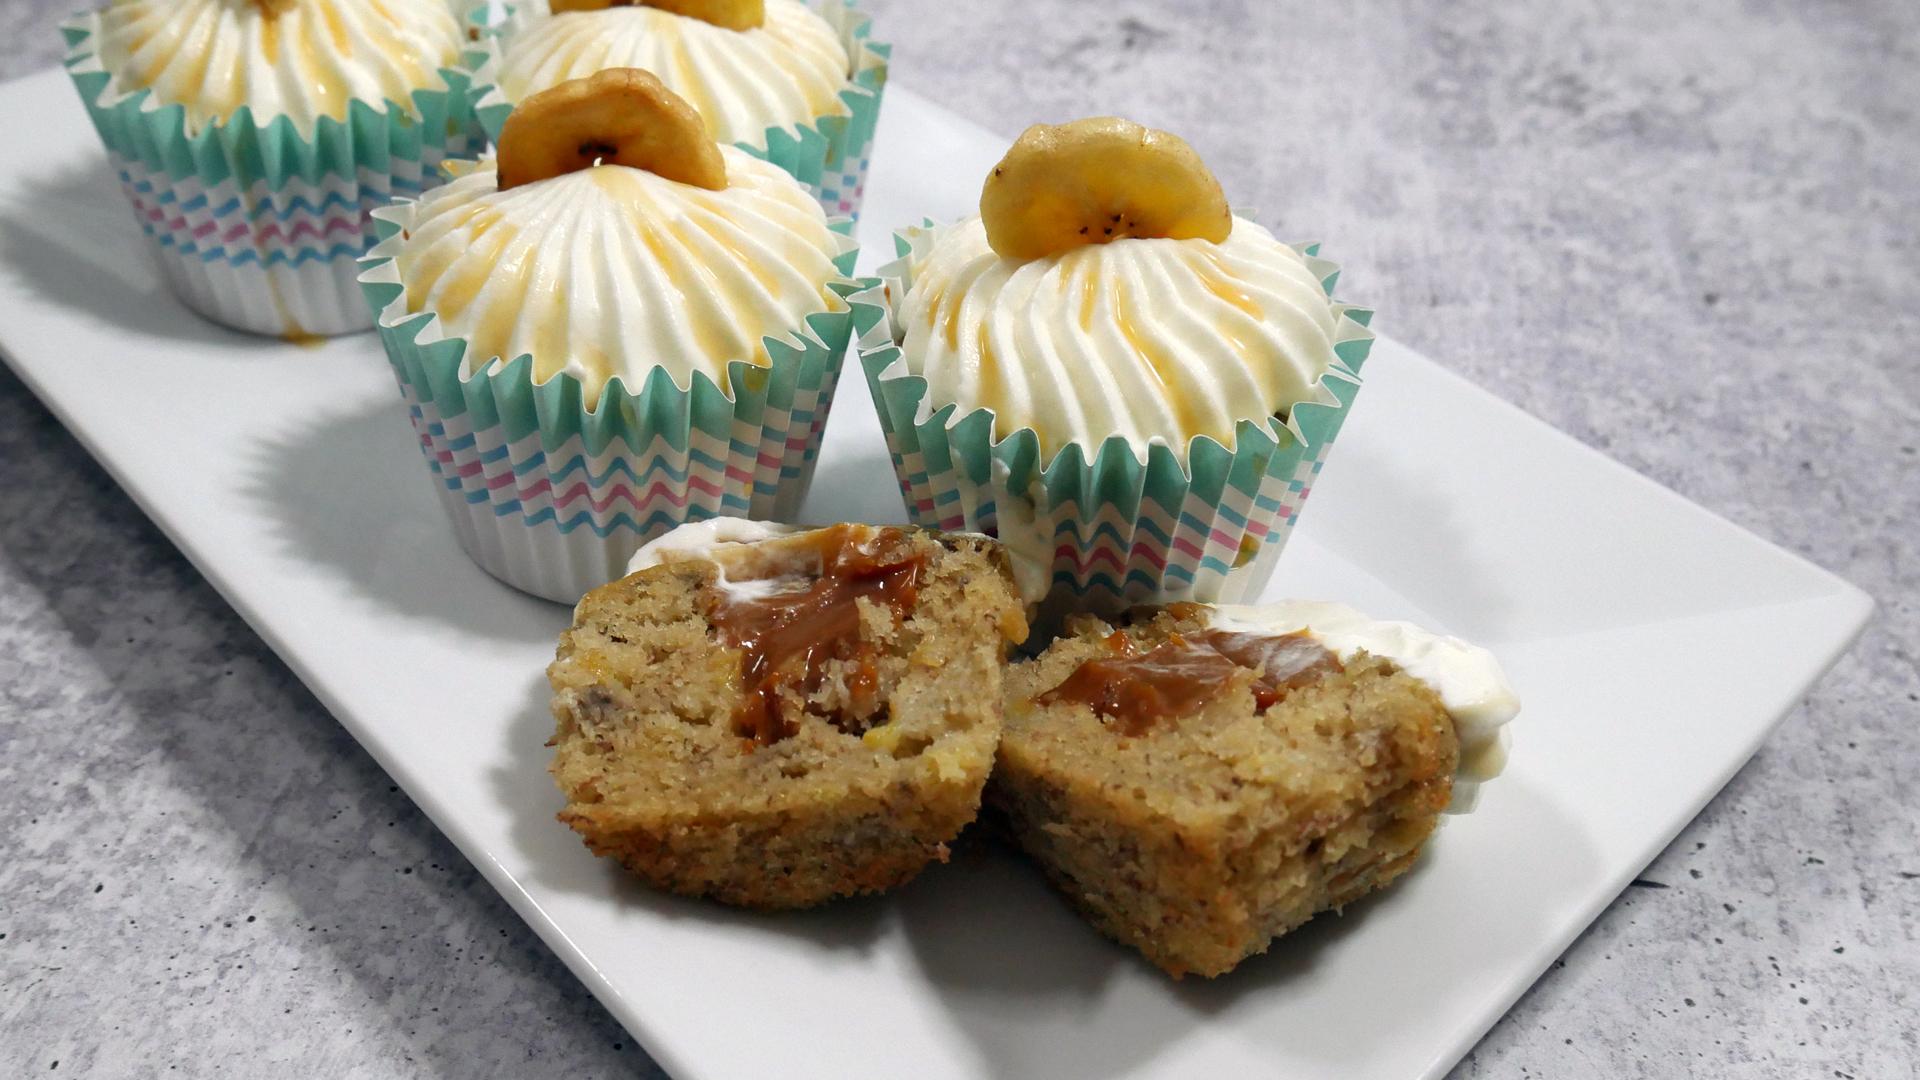 Cupcakes de Banana com Doce de Leite